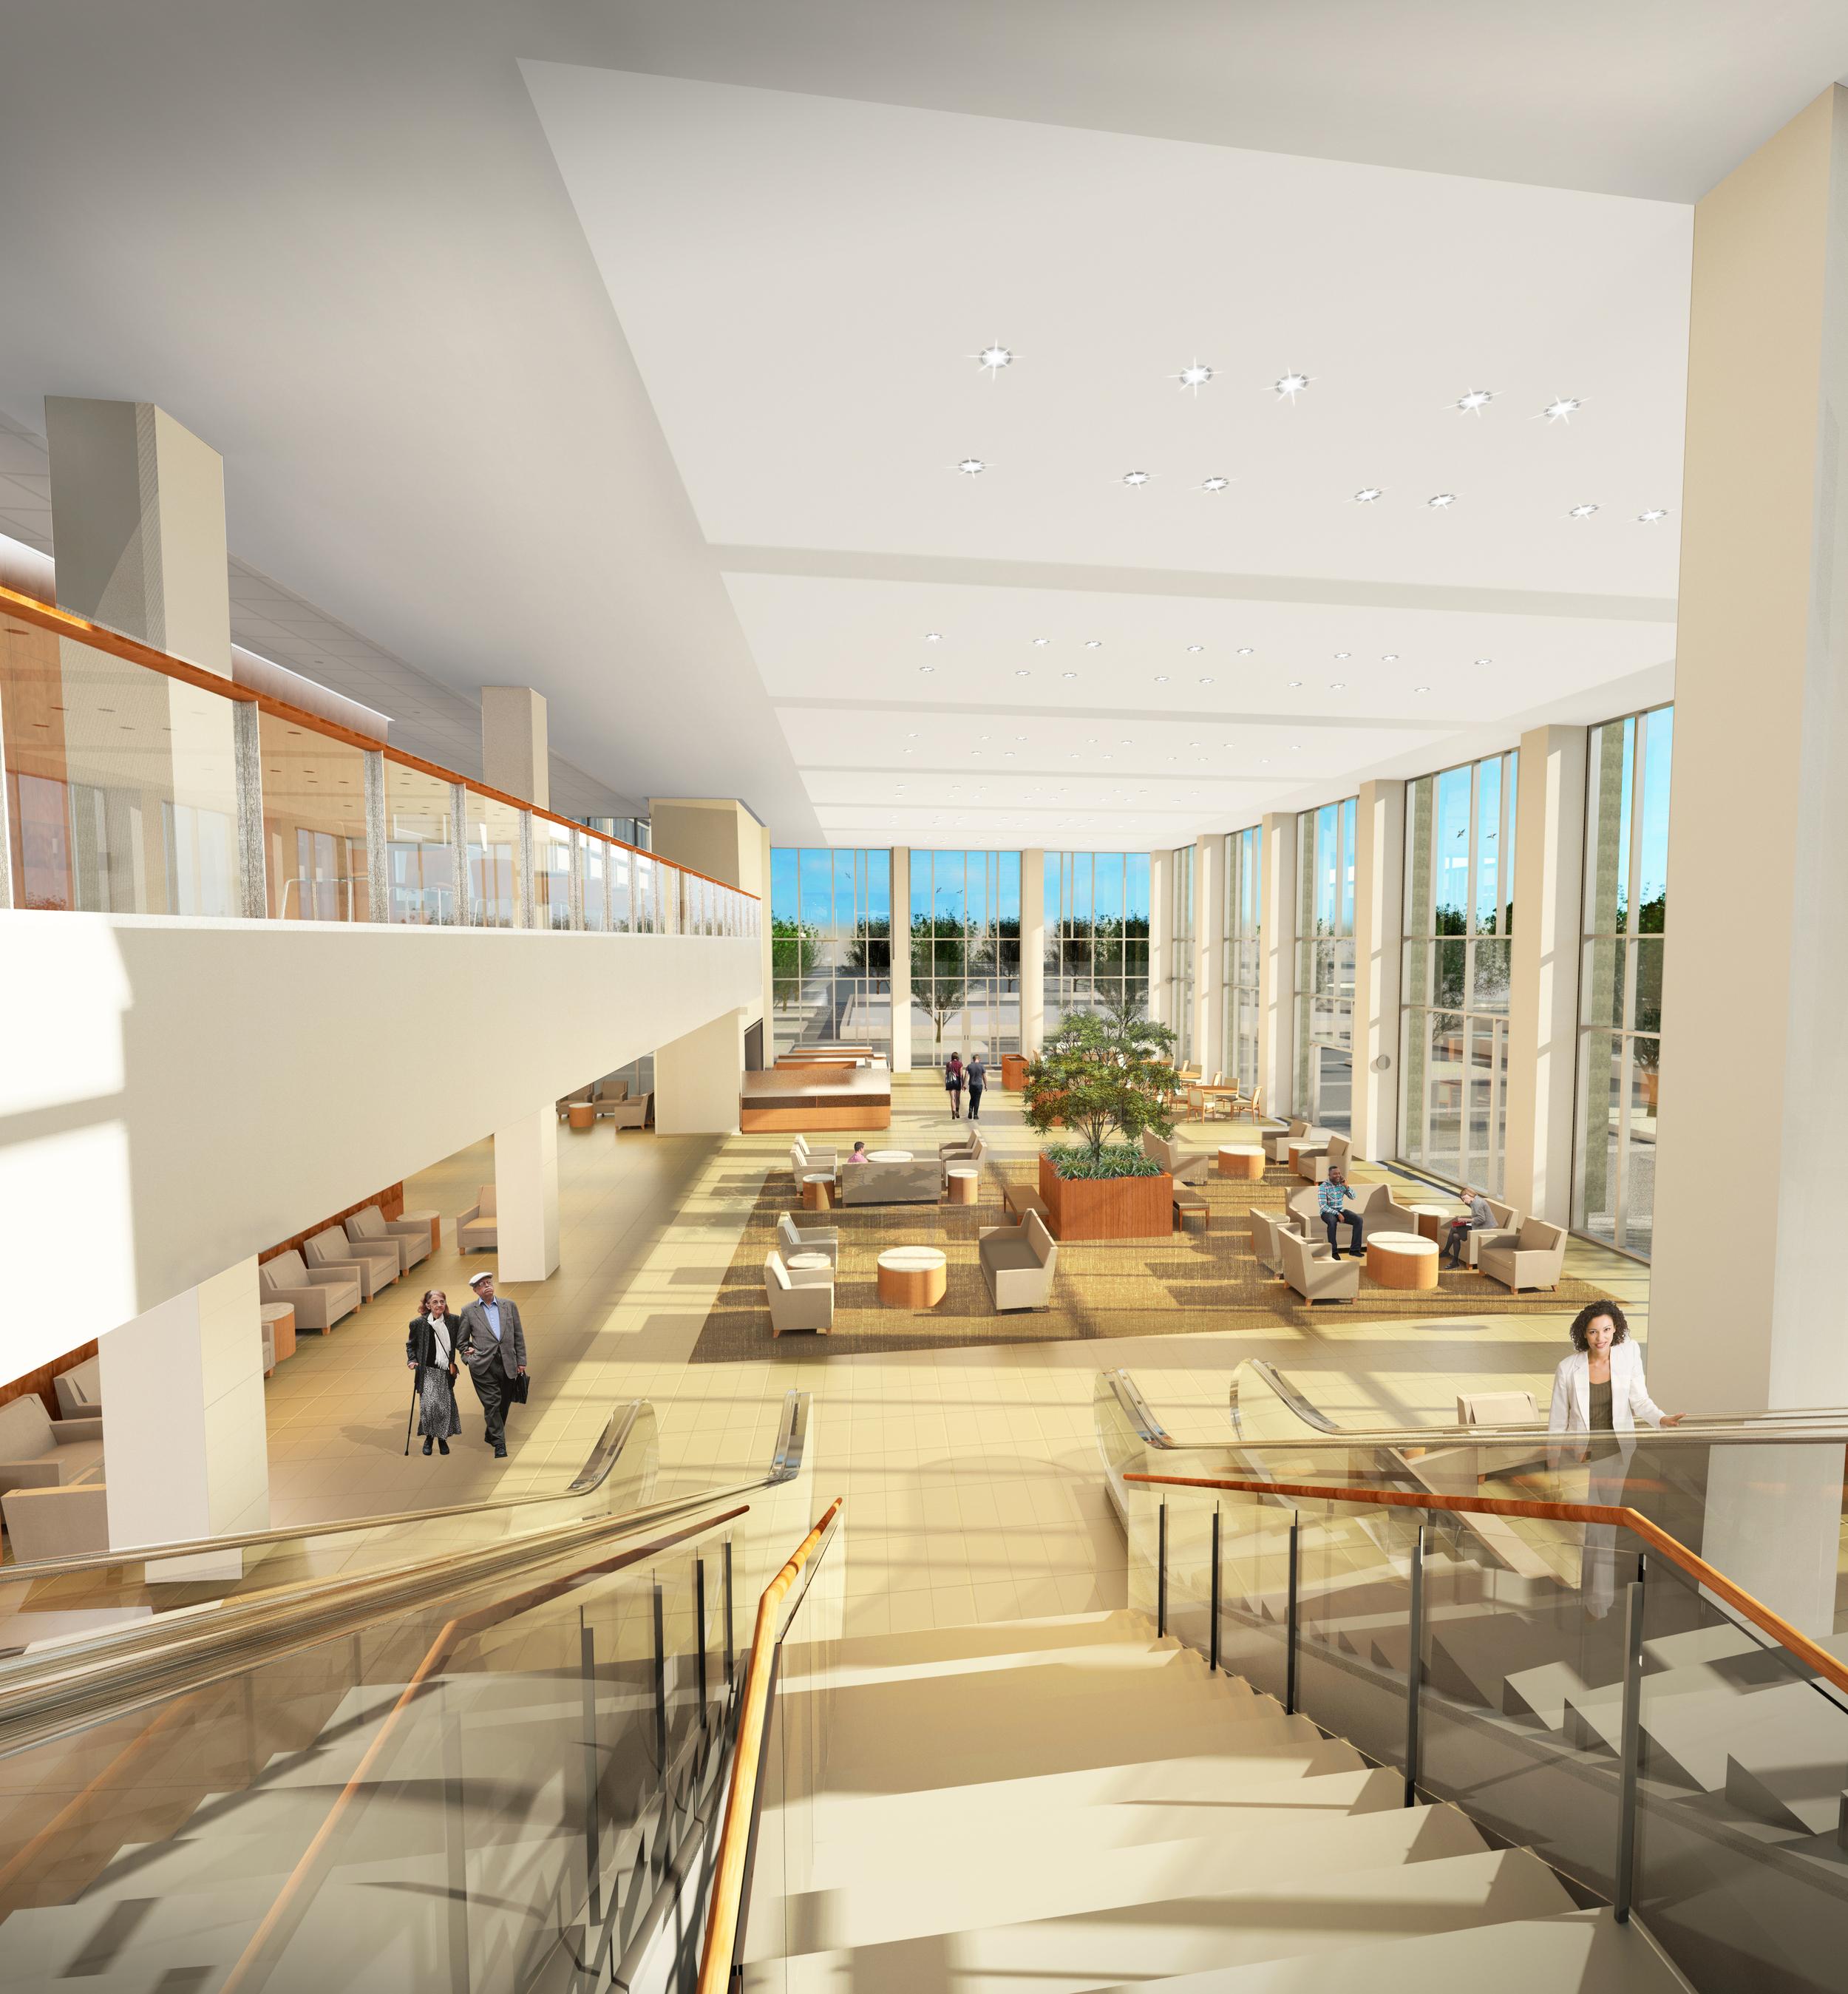 LMC Expansion - Atrium (Stair View)